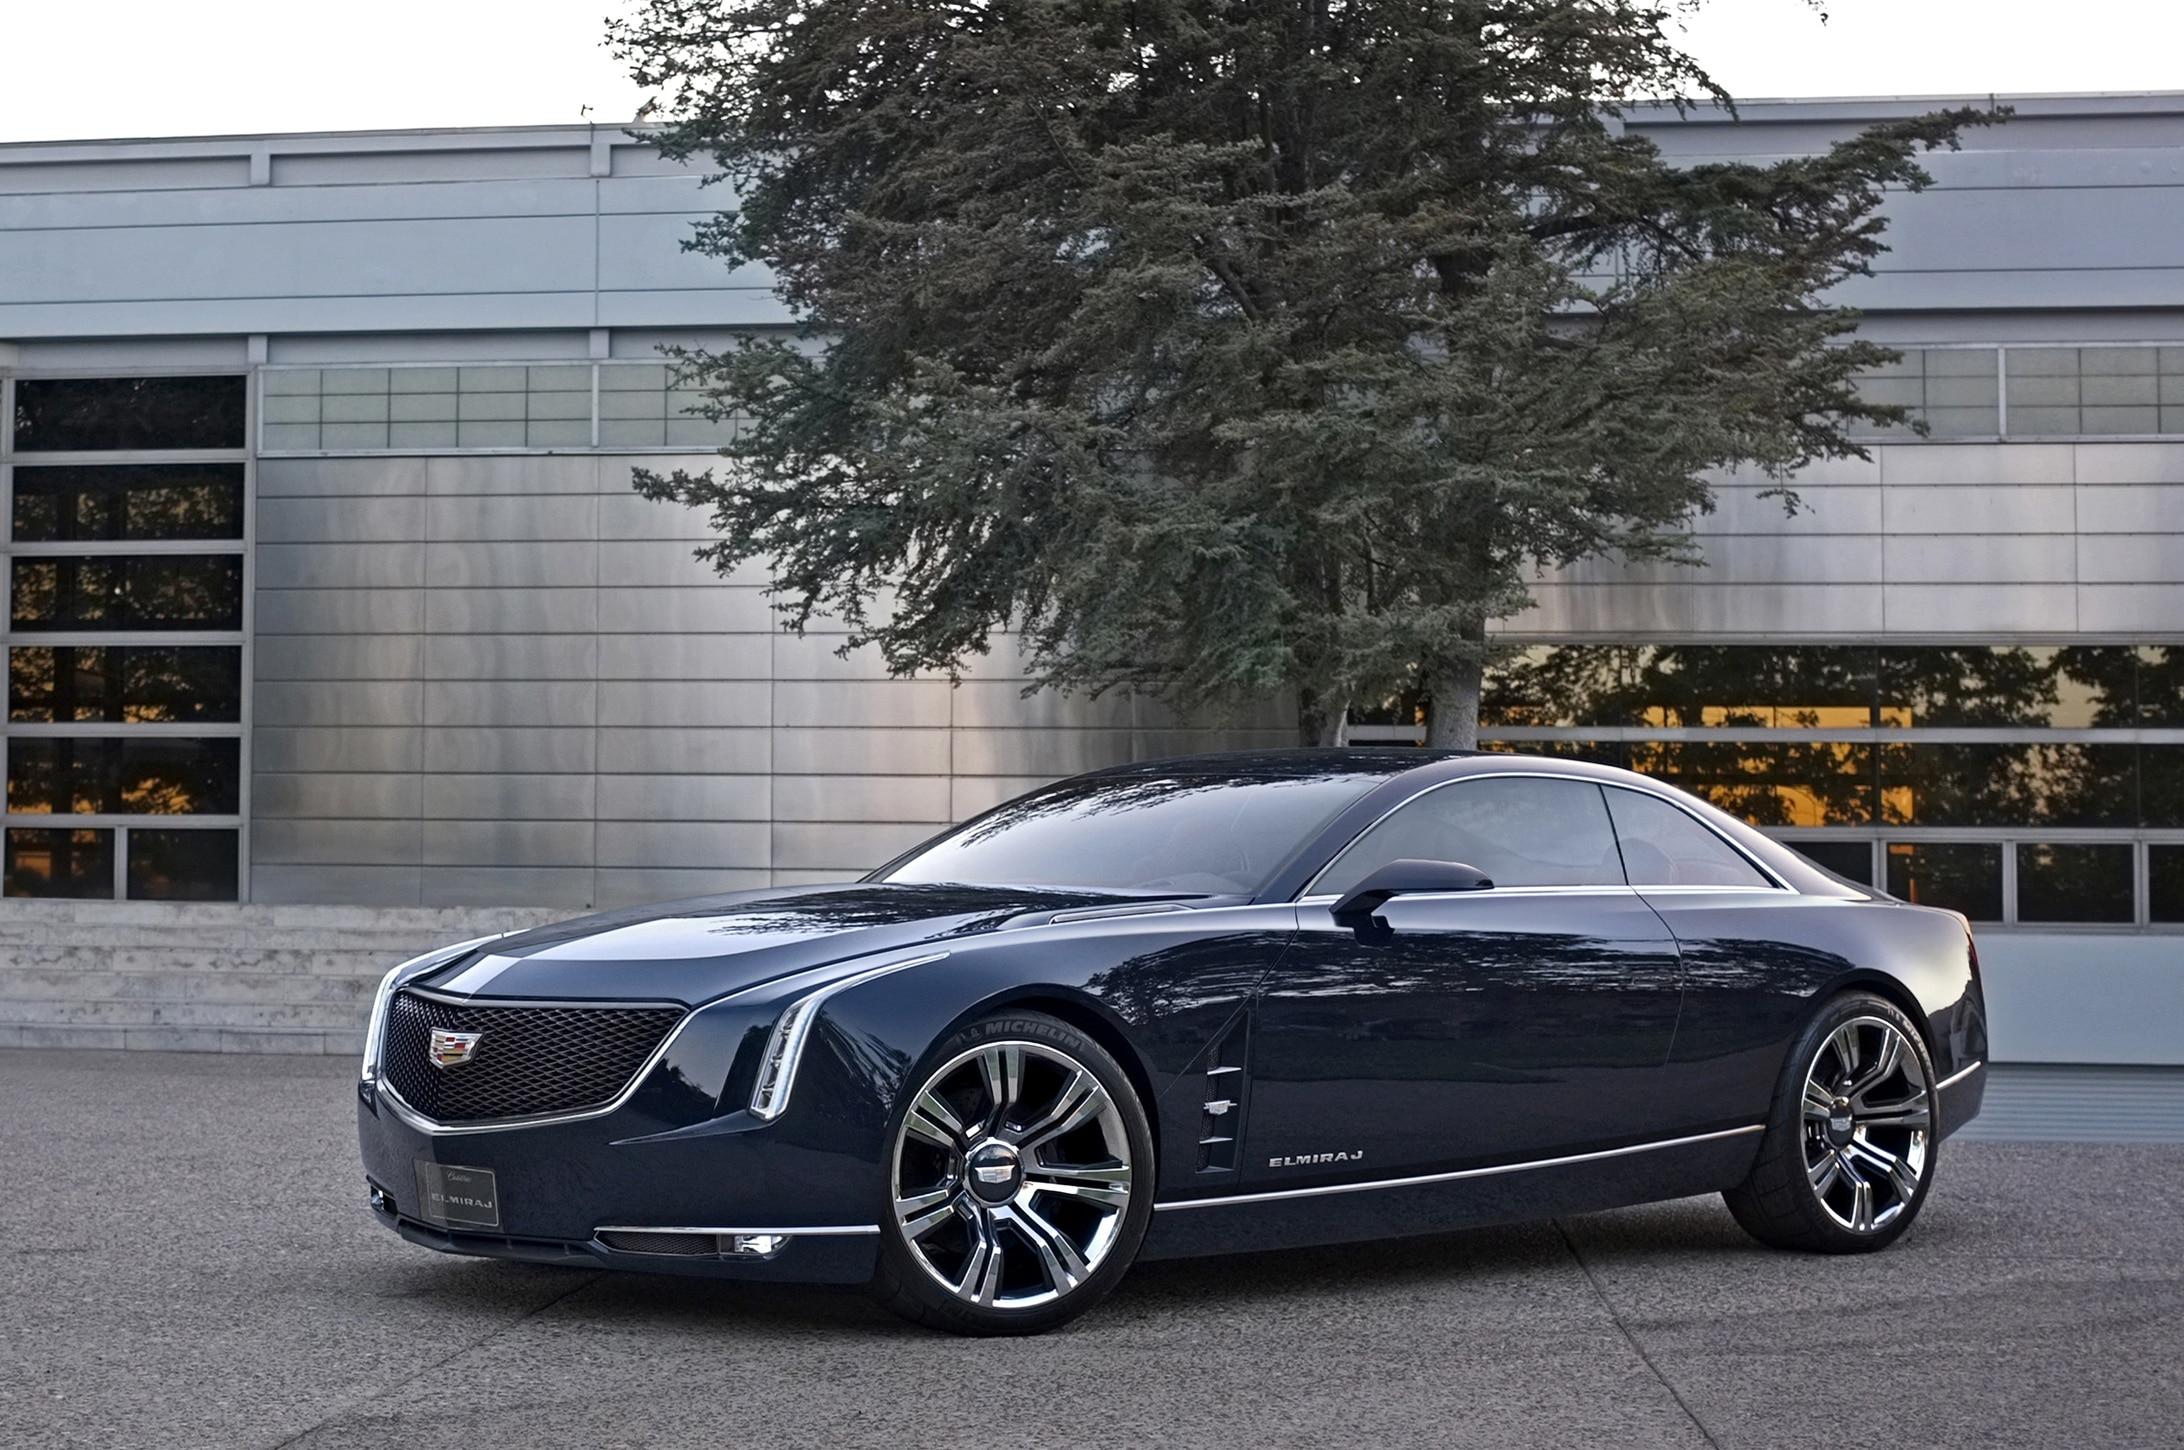 2013 Cadillac Elmiraj Concept Front Three Quarter11